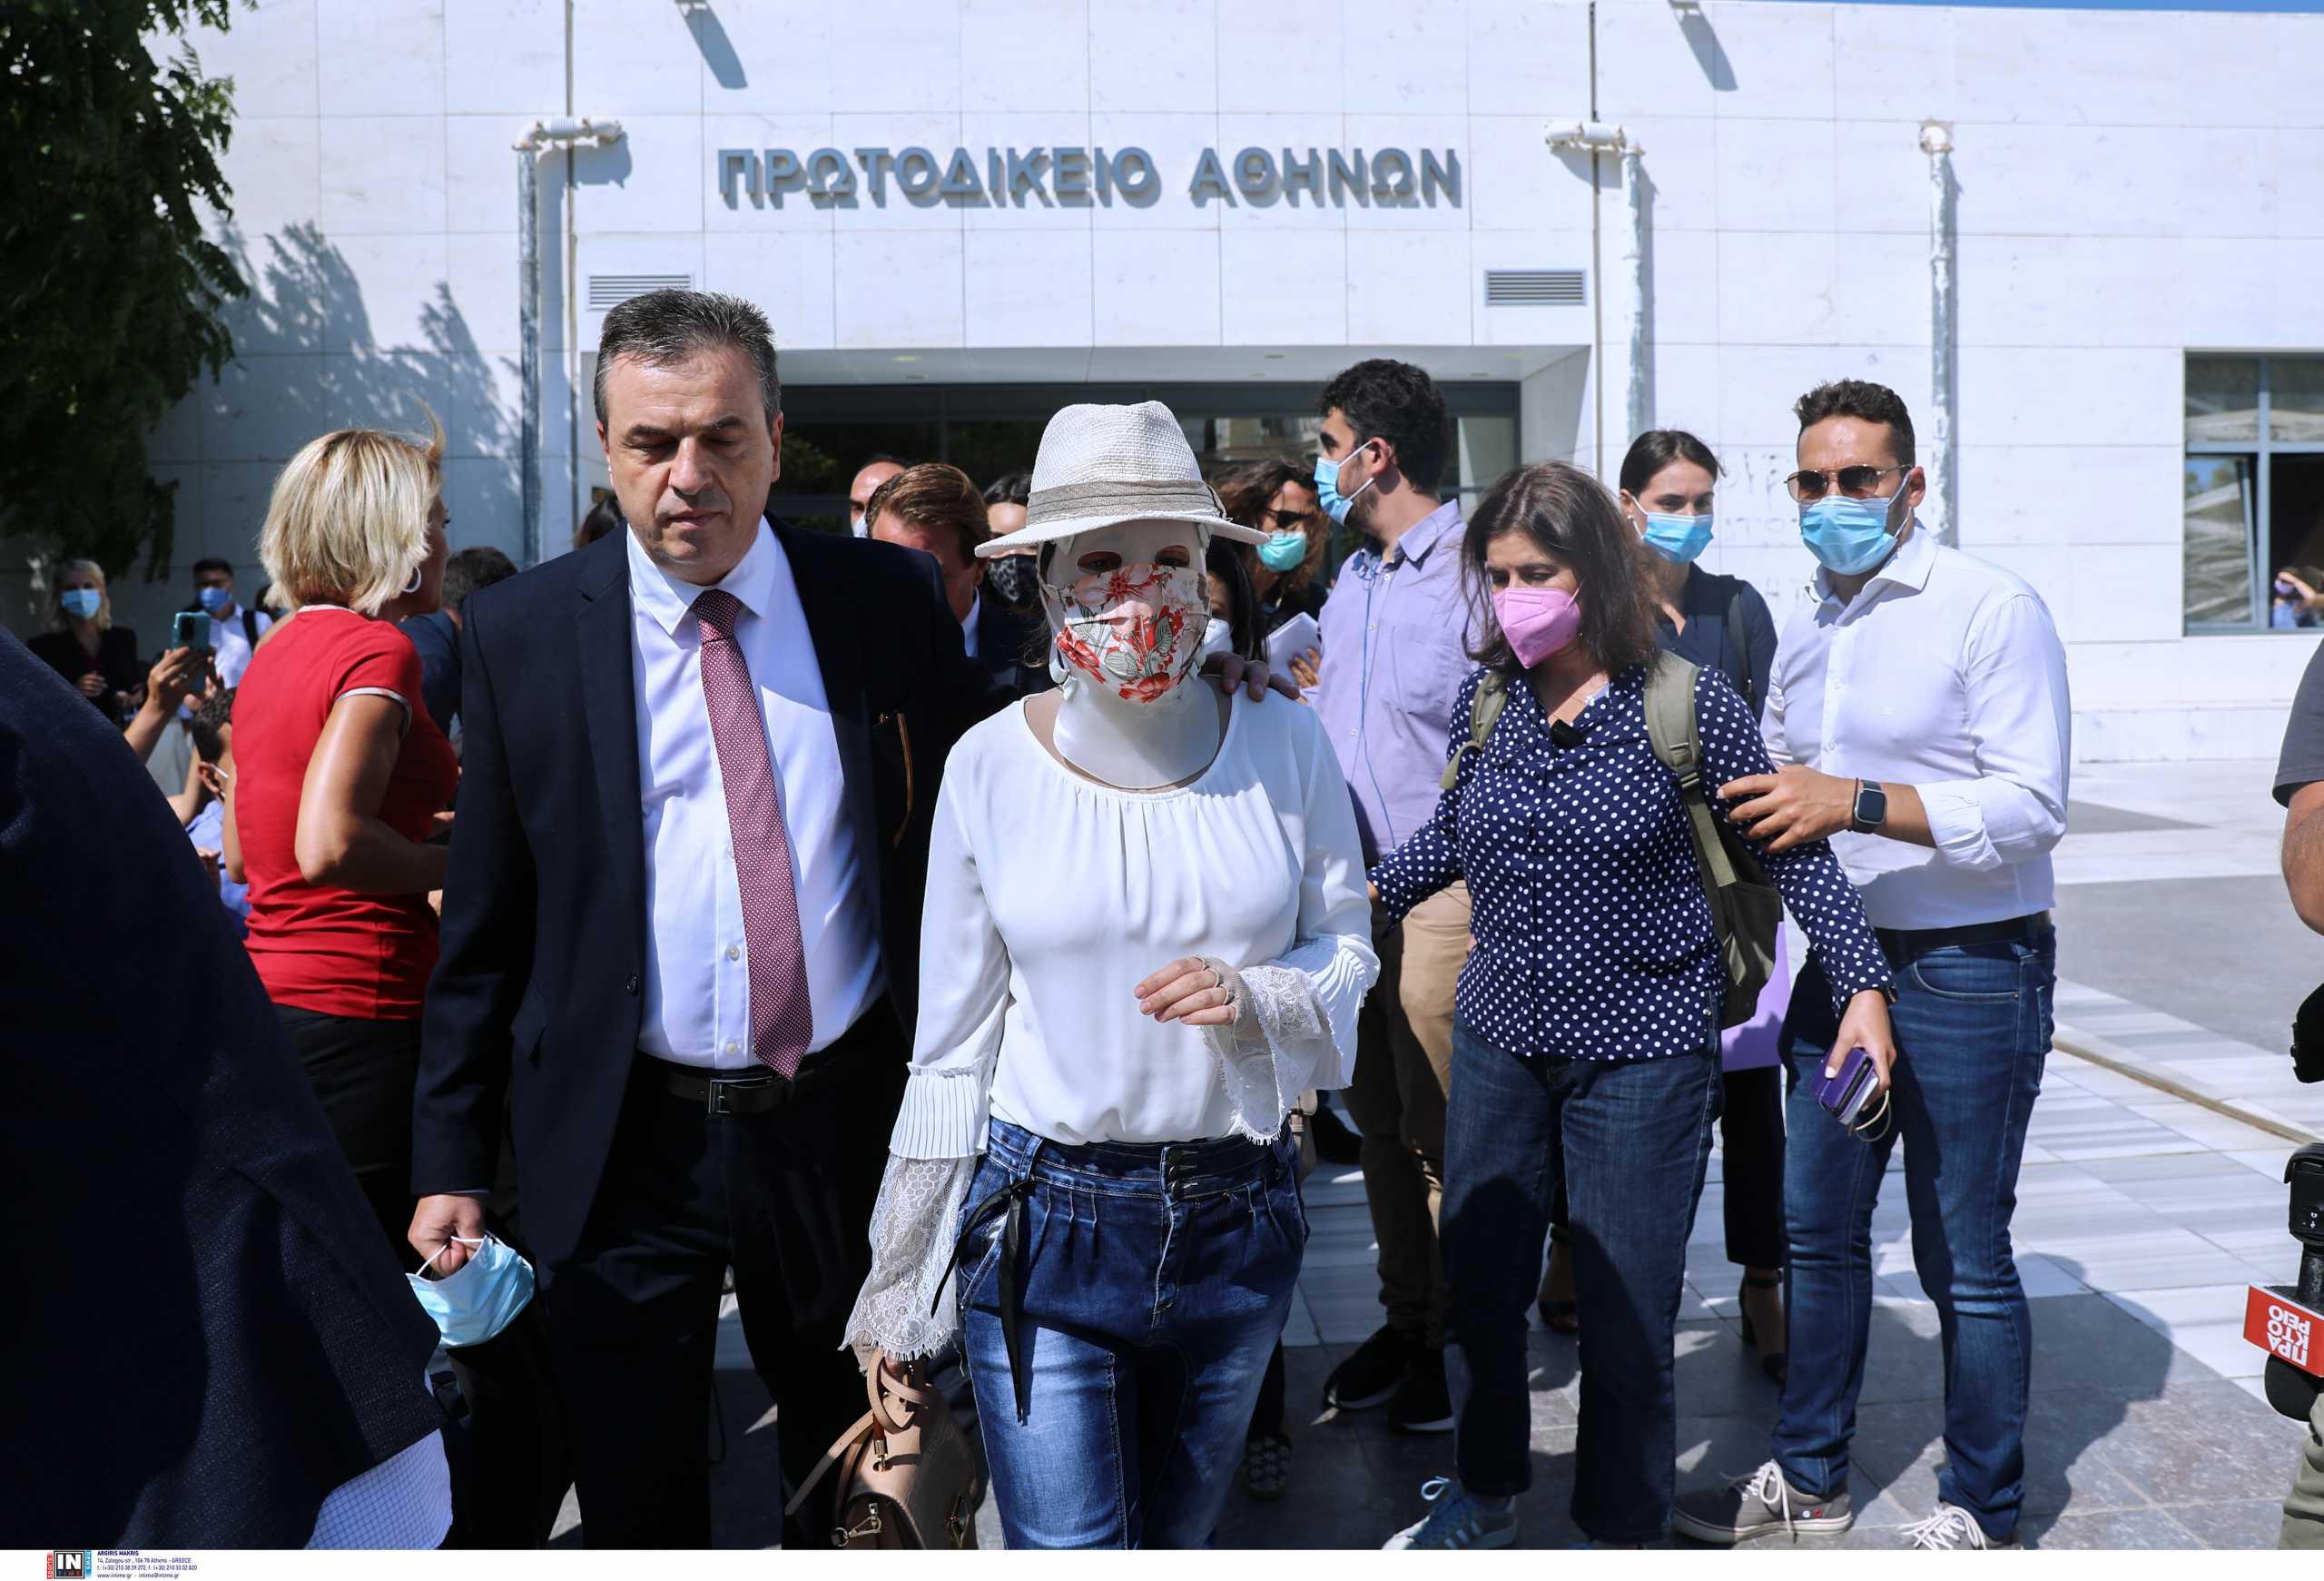 Ιωάννα Παλιοσπύρου – Δίκη για επίθεση με βιτριόλι: Ενδείξεις για ακόμη δύο πρόσωπα